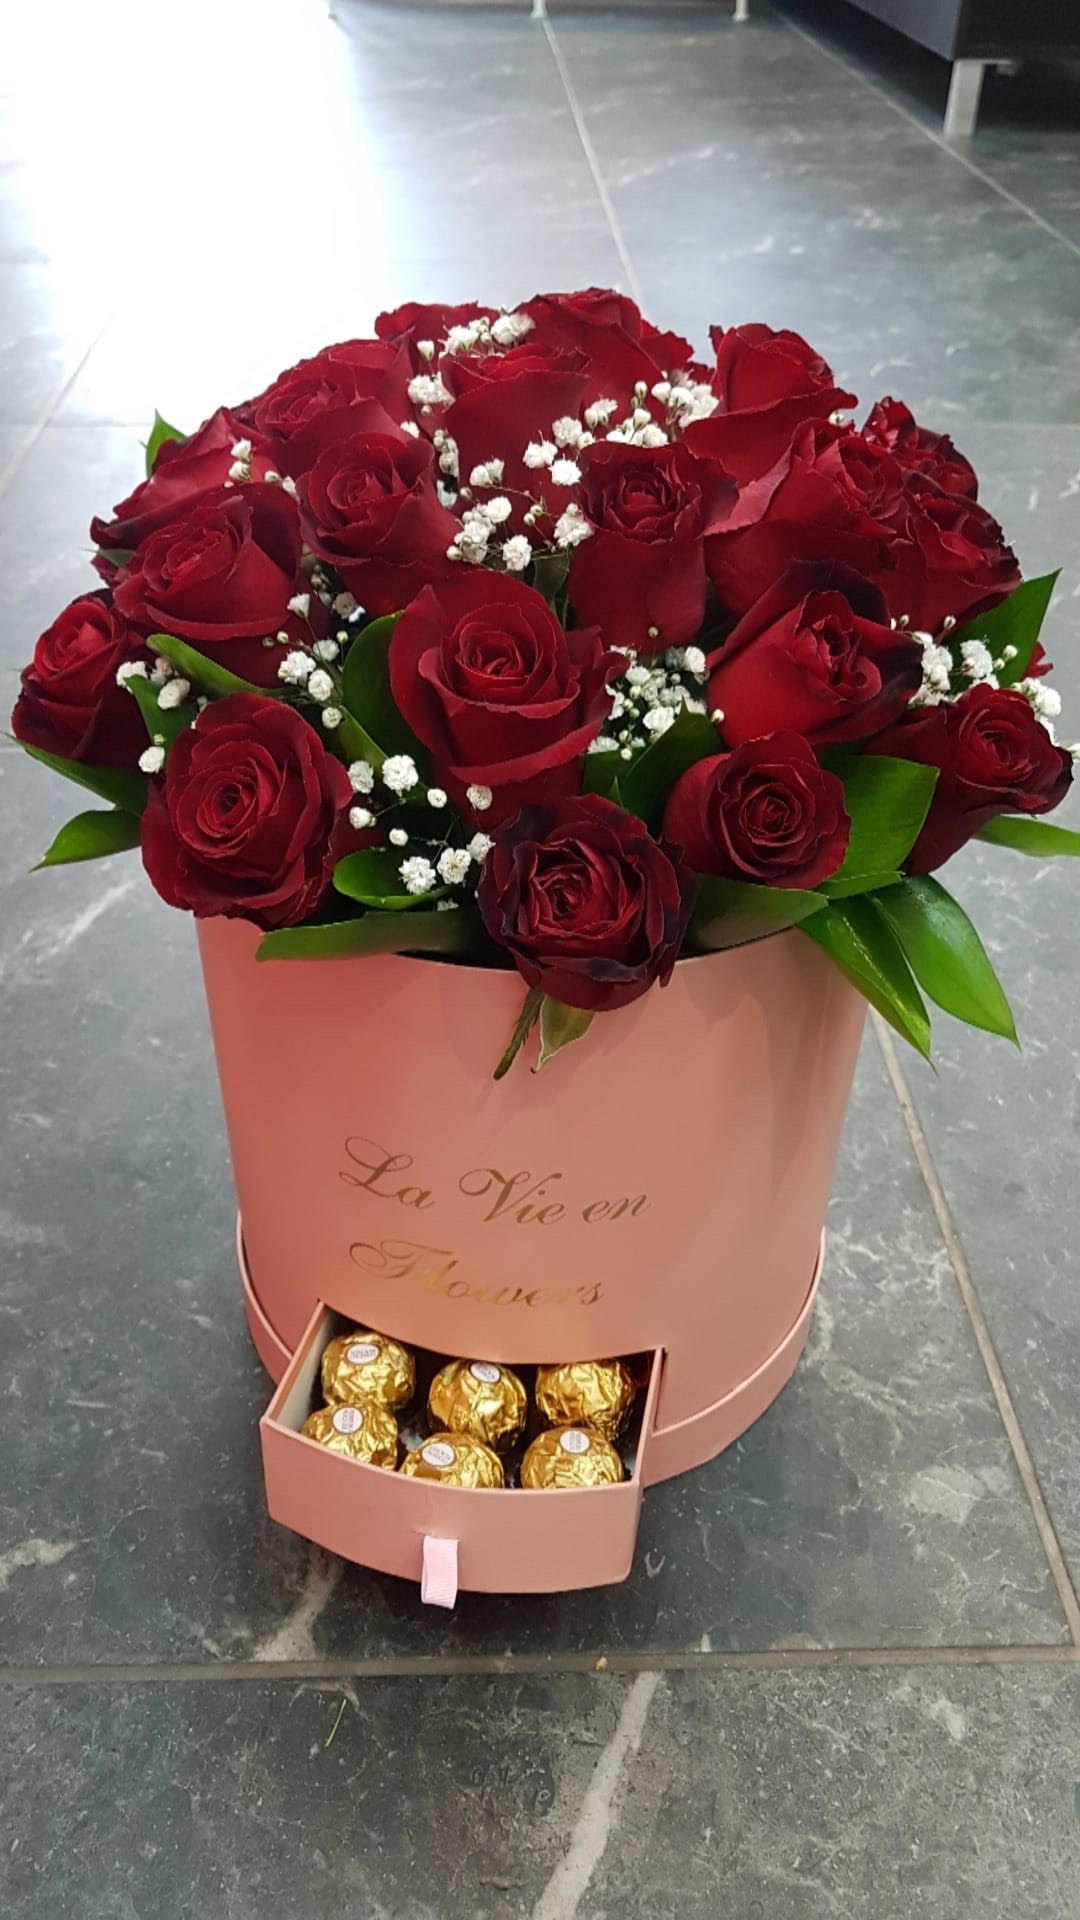 פלאוור פוקס + פררו רושה - פרח באהבה - אילת